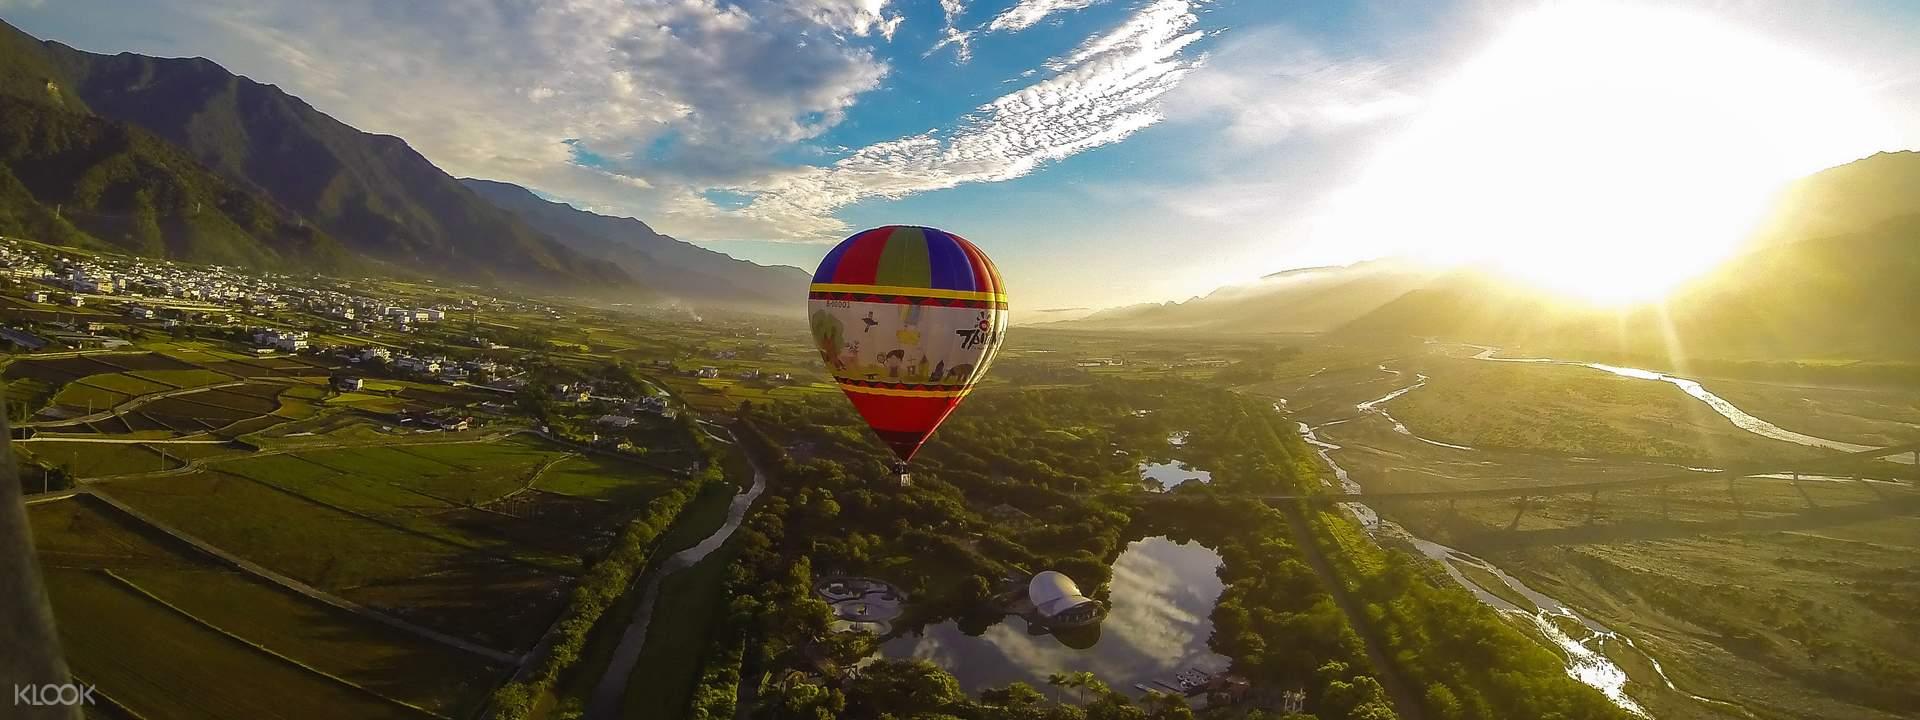 2019 台東熱氣球嘉年華活動 :票價、交通、預約攻略